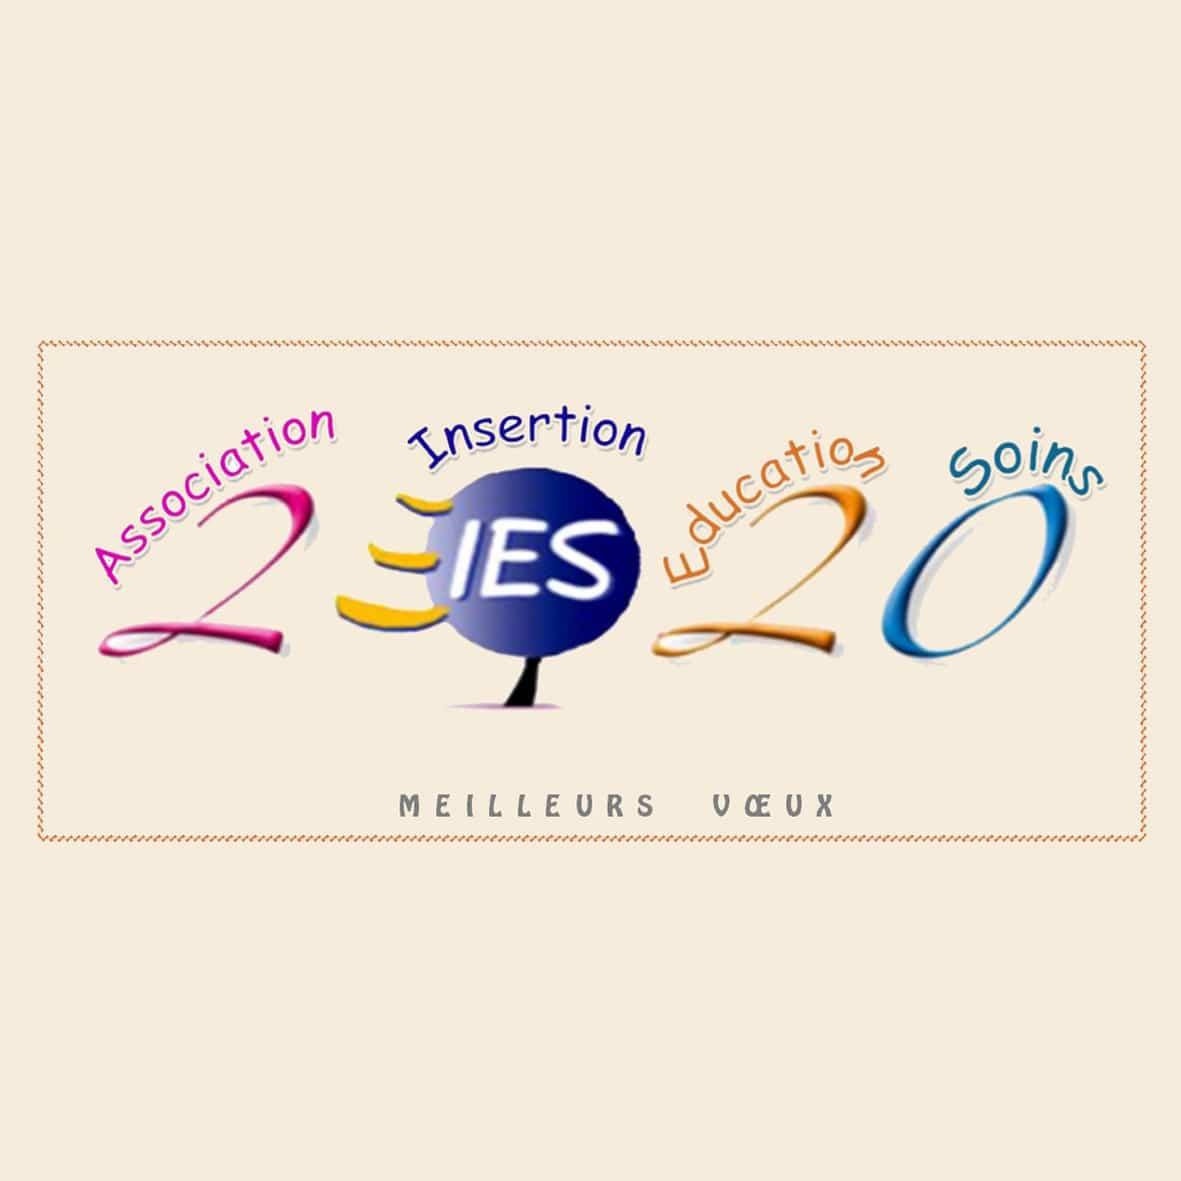 2-meilleur vœux 2020